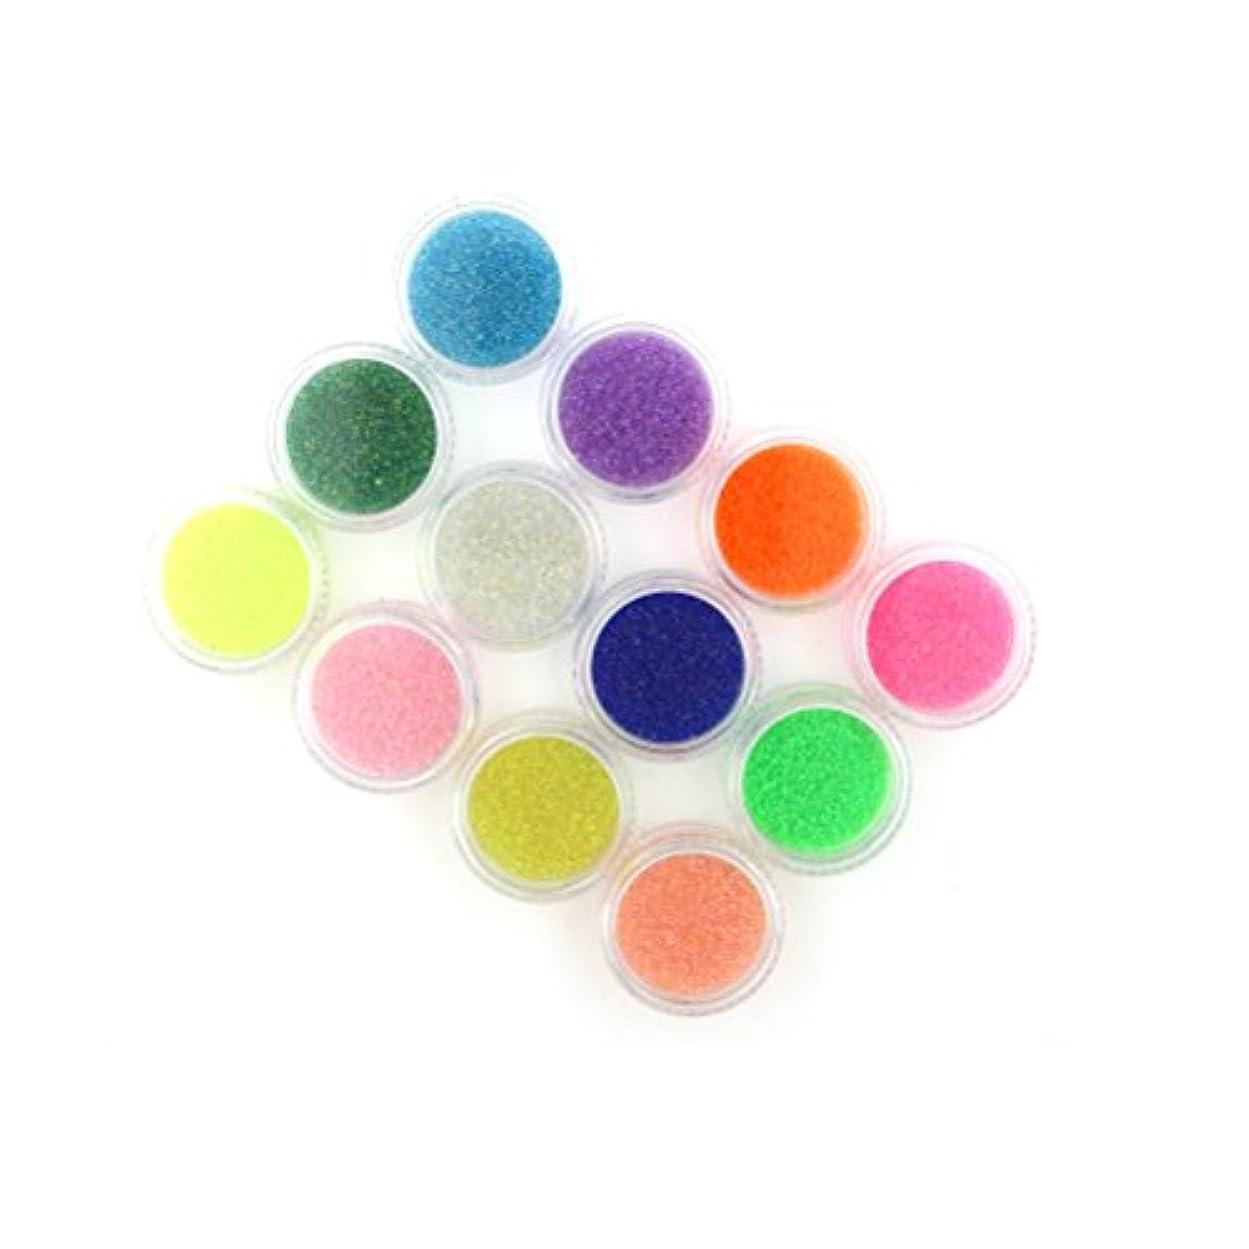 火山学者有害昼間MakeupAcc ネイル用ガラスビーズ 12色セット 蛍光 流れるカラー 数の子のようなネイルアクセサリー [並行輸入品]